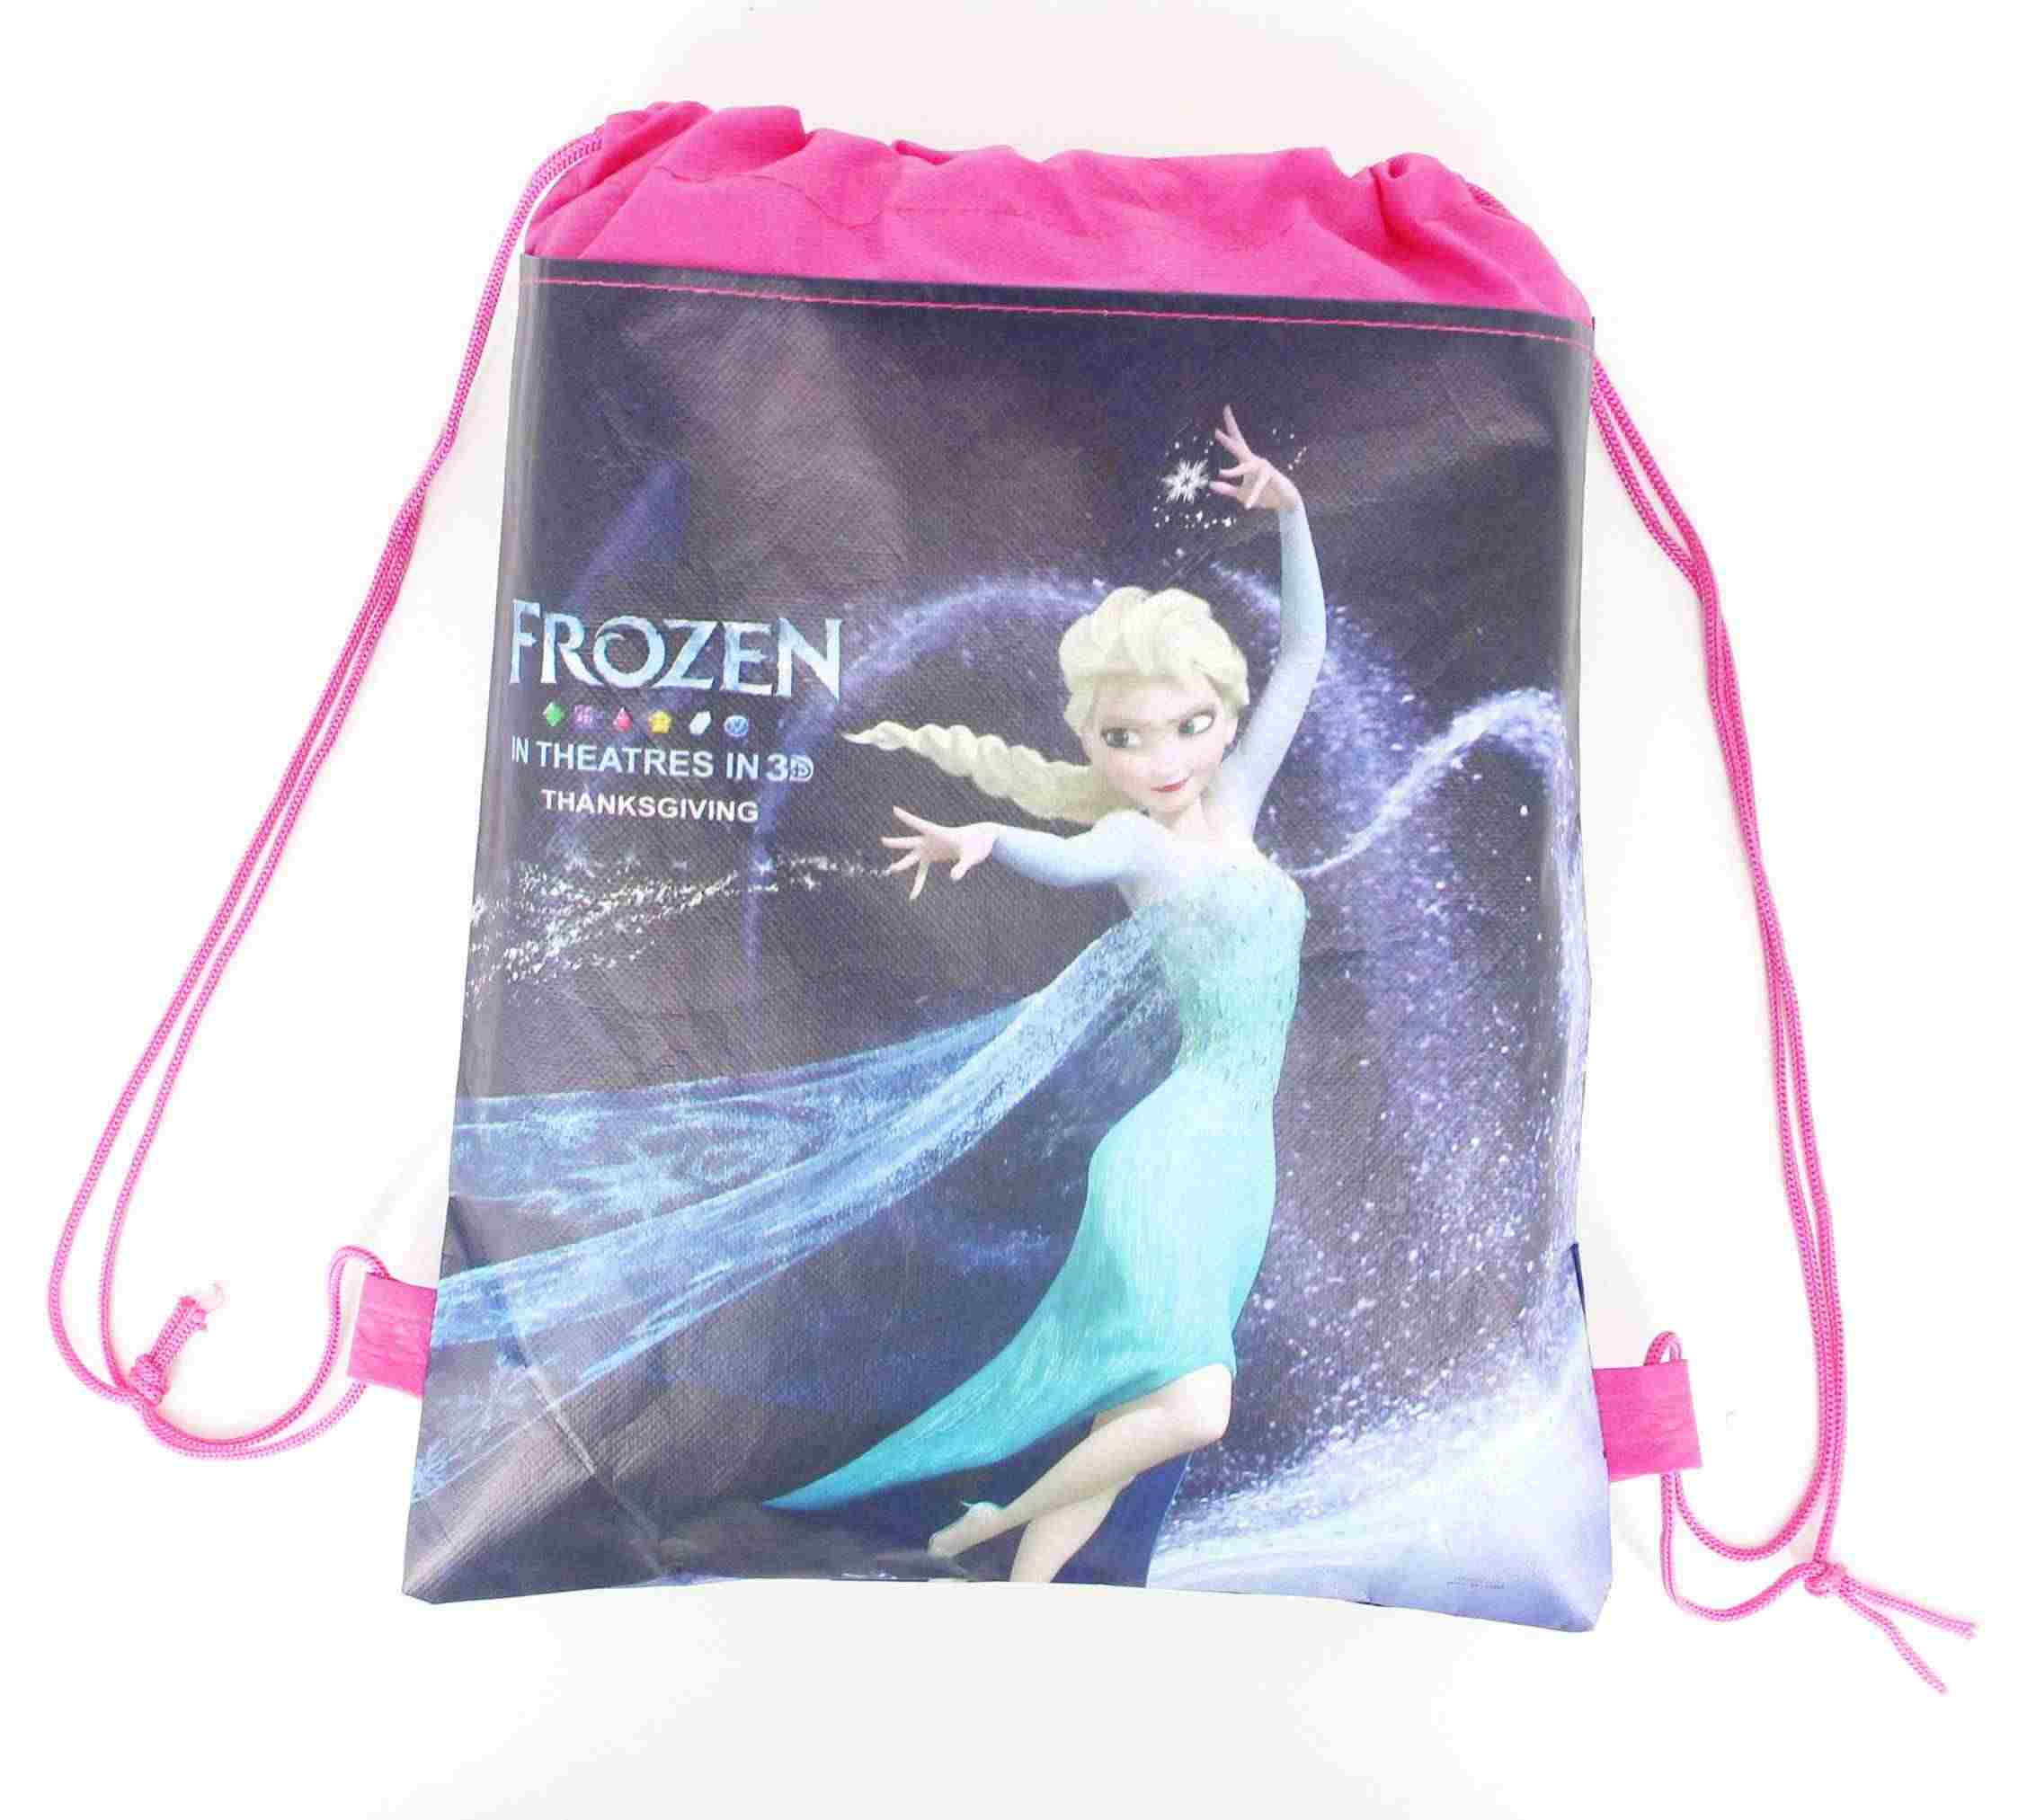 1 Uds. De la fiesta de Frozen de la princesa Anna Elsa bolsas con cordón telas no tejidas mochila escuela con cordón bolsa de compras para los niños